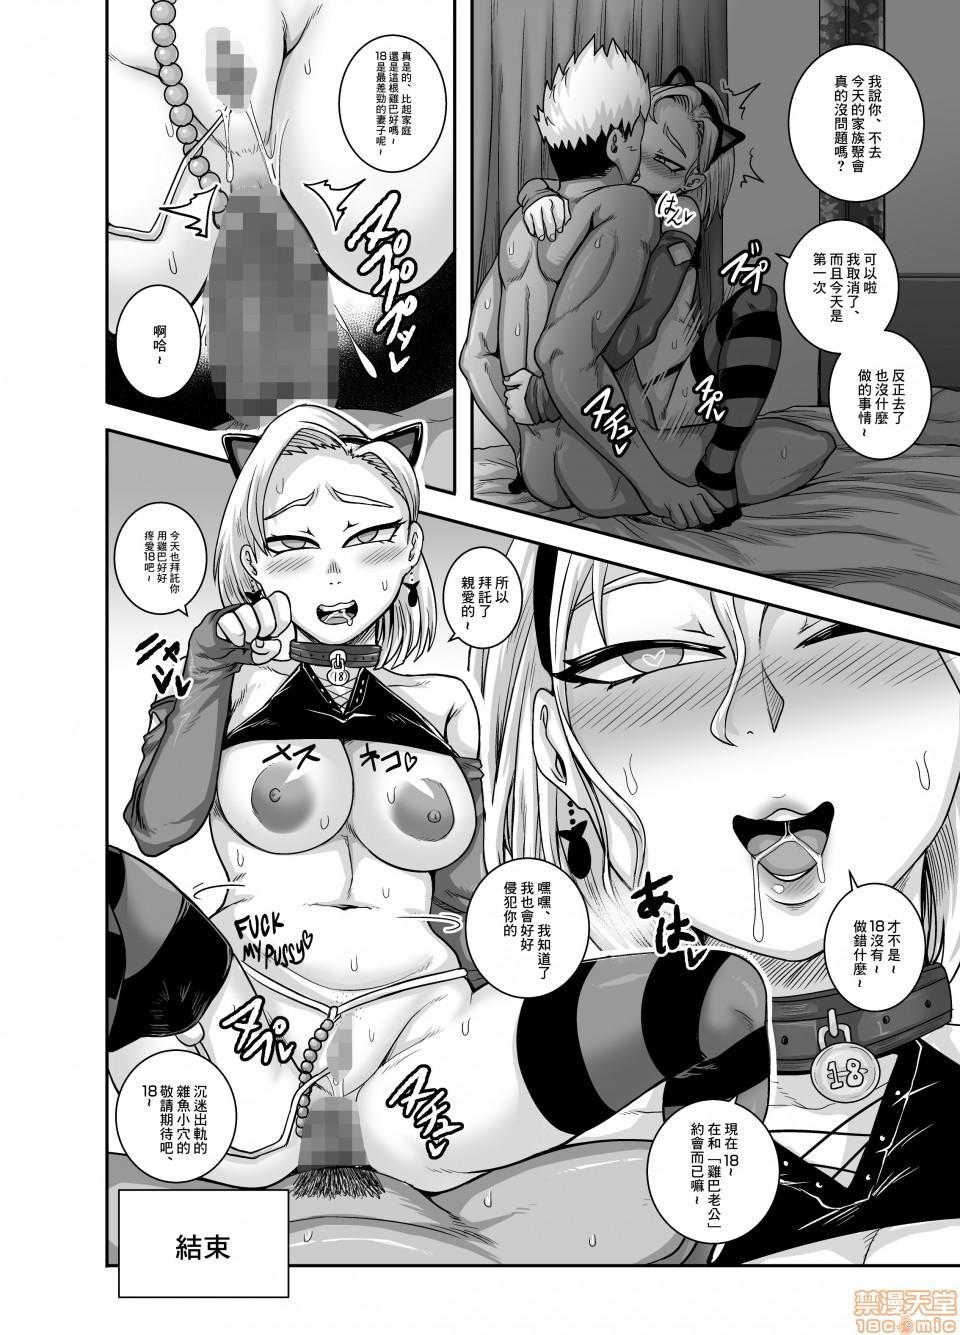 性欲に勝てないオンナ(人造人間)+ フルカラー4ページ漫画(ラフタリア&ツナデ) 32